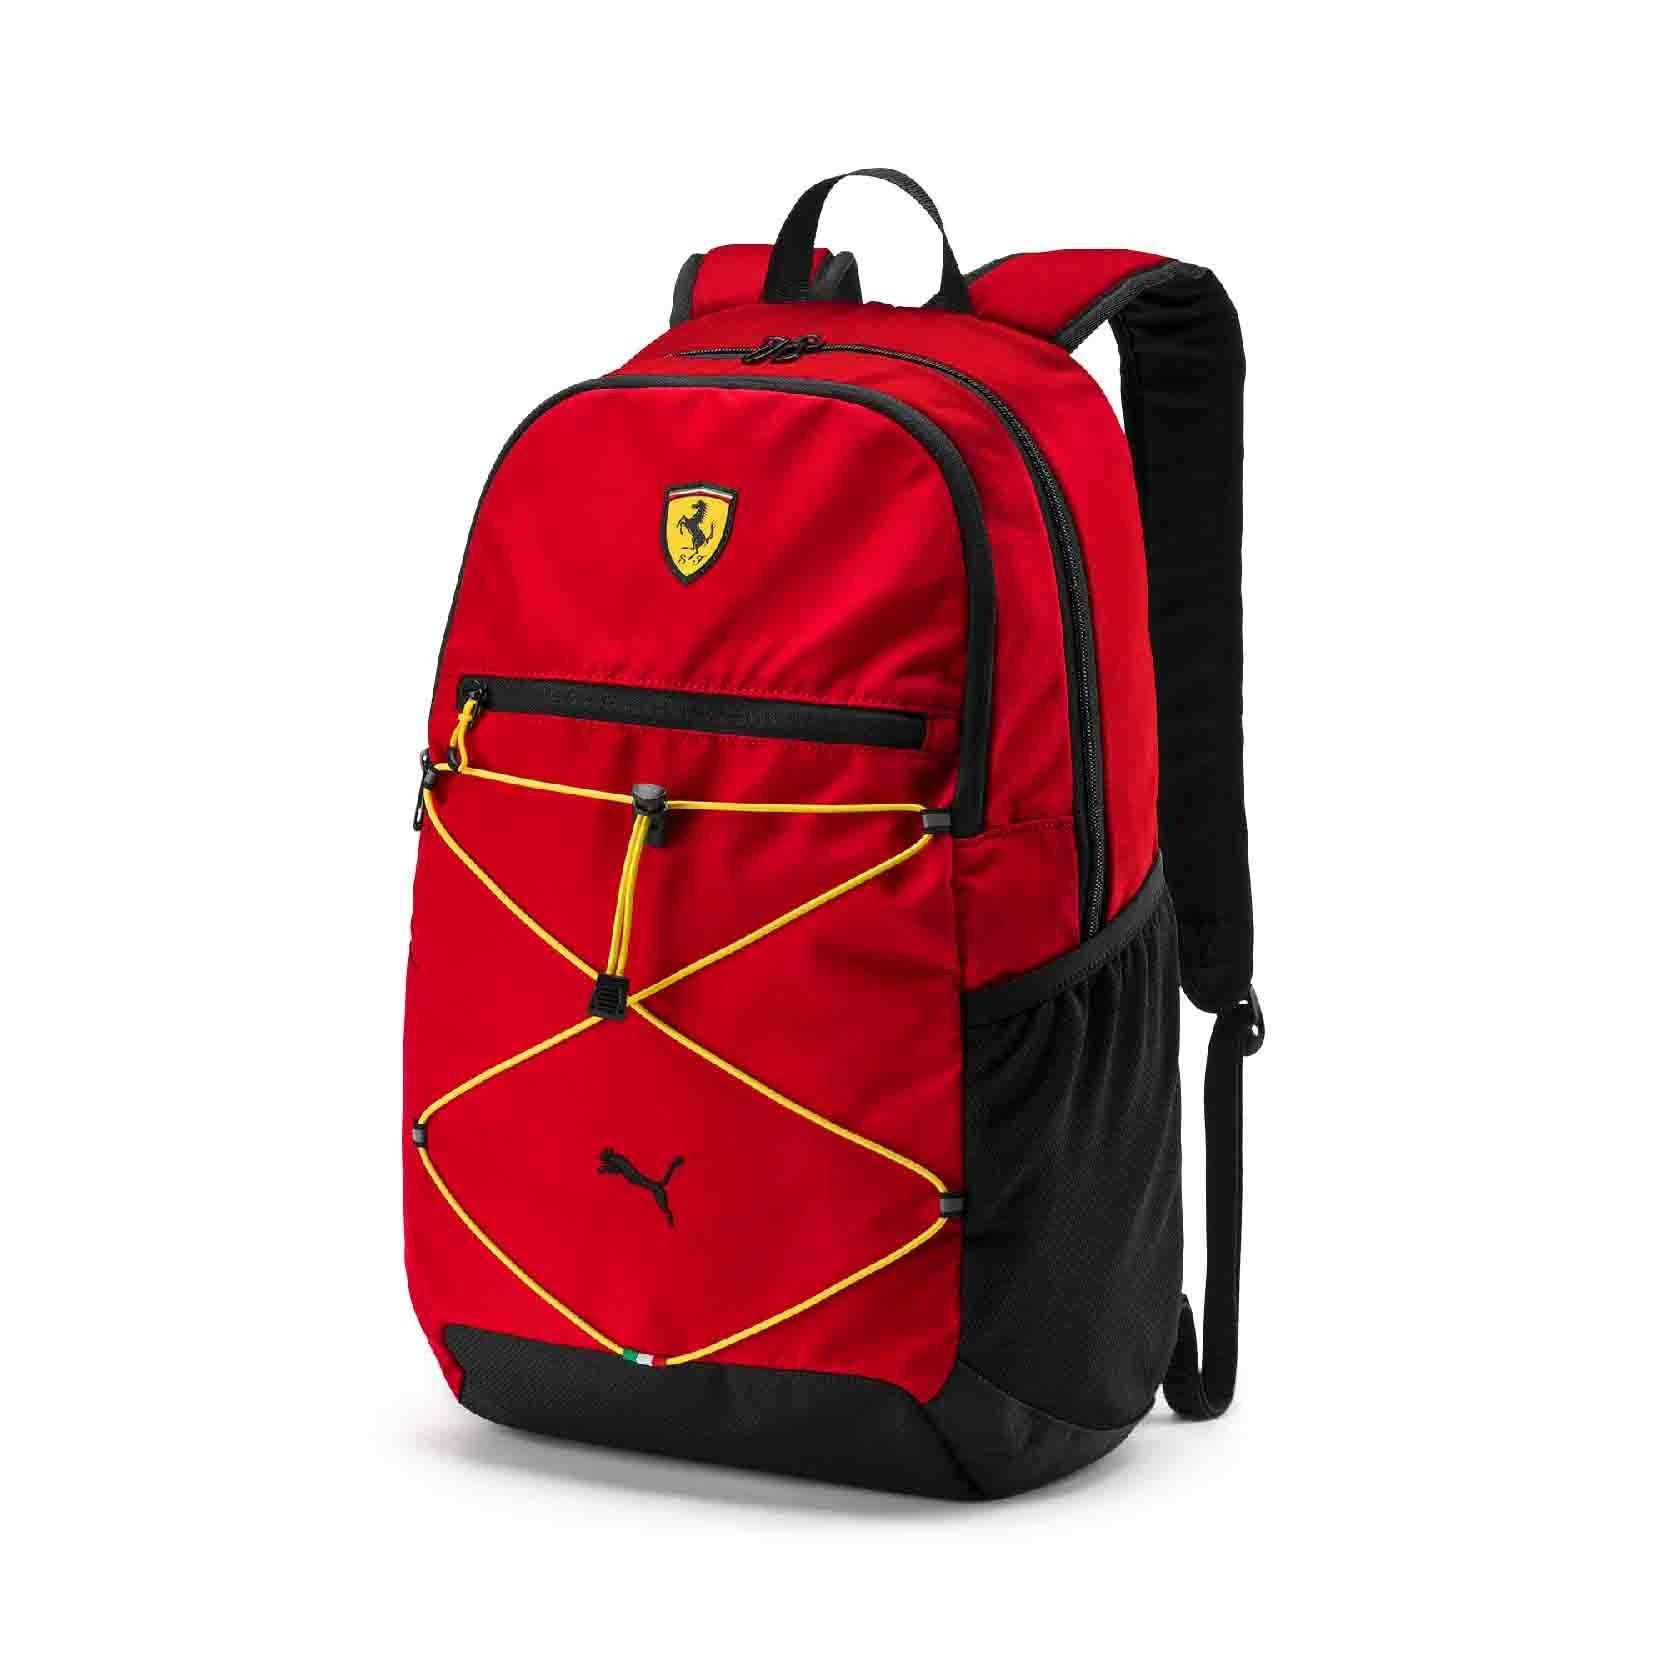 Backpack Puma Ferrari Fanwear